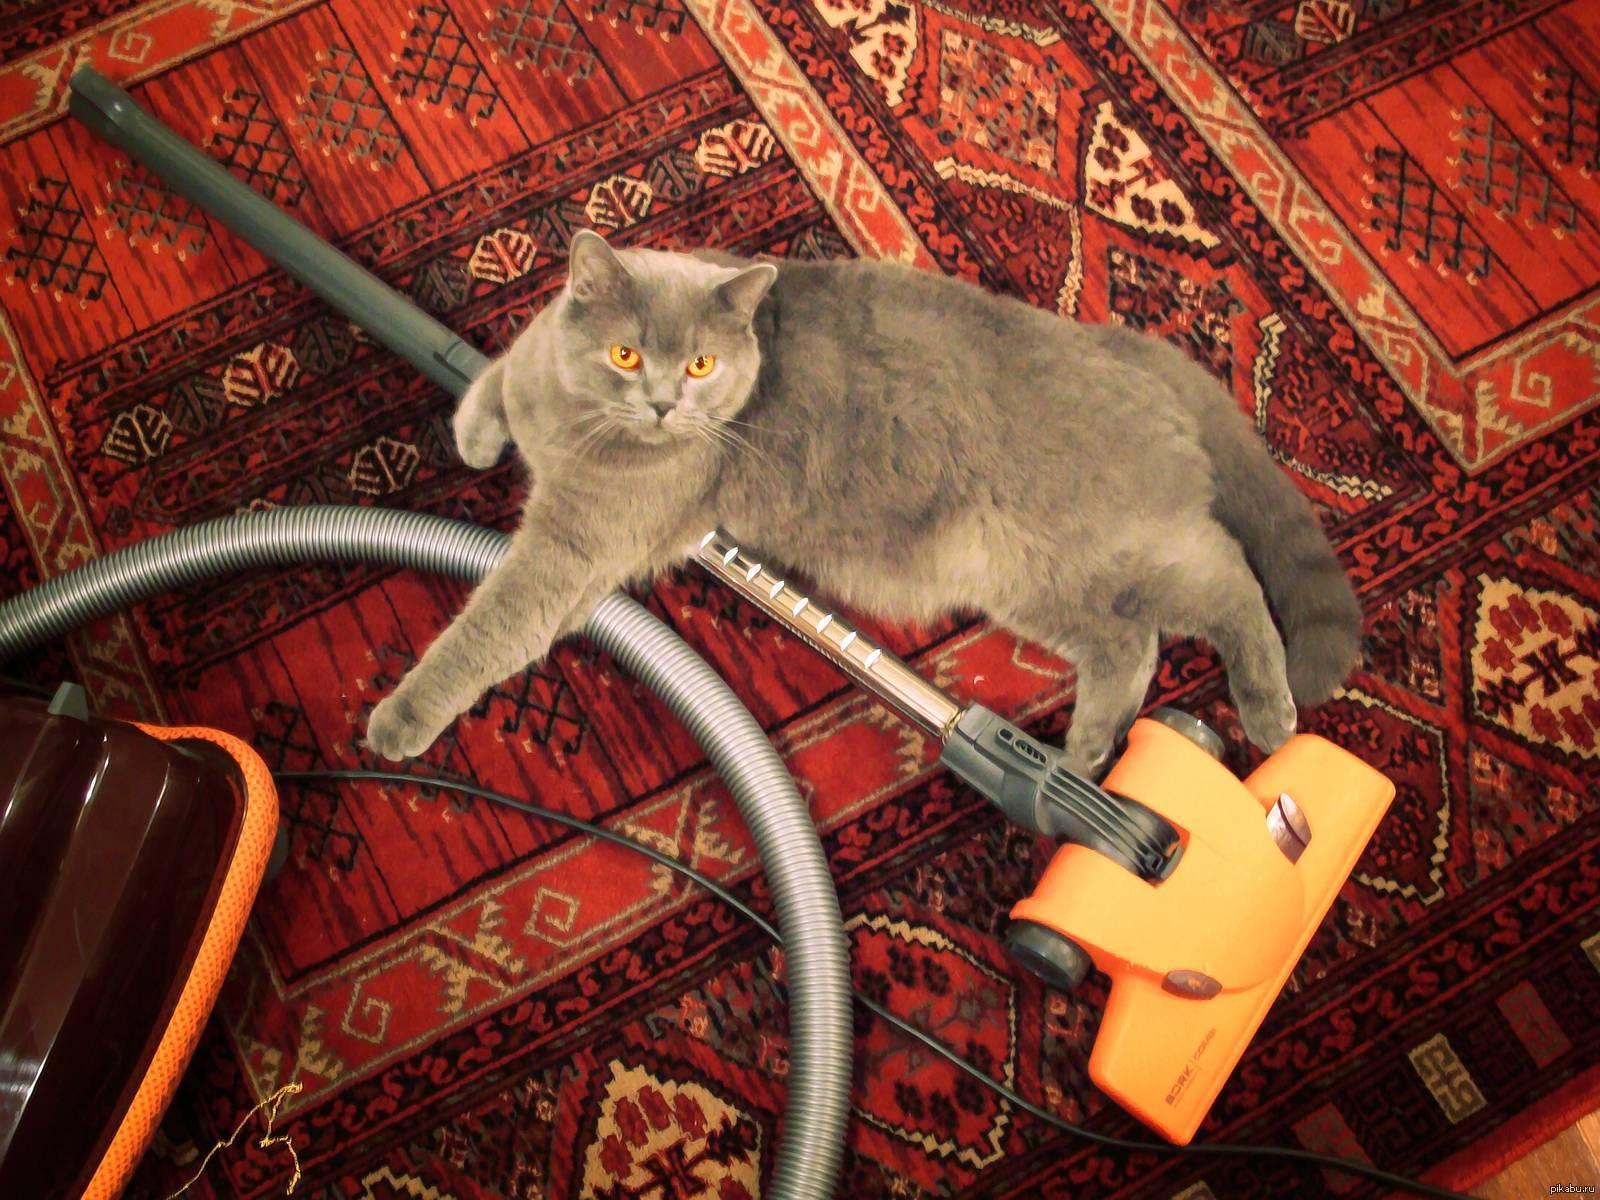 Неприятный запах от кошки: пахнет ли здоровая кошка, источники неприятного запаха, правила гигиены и здорового питания